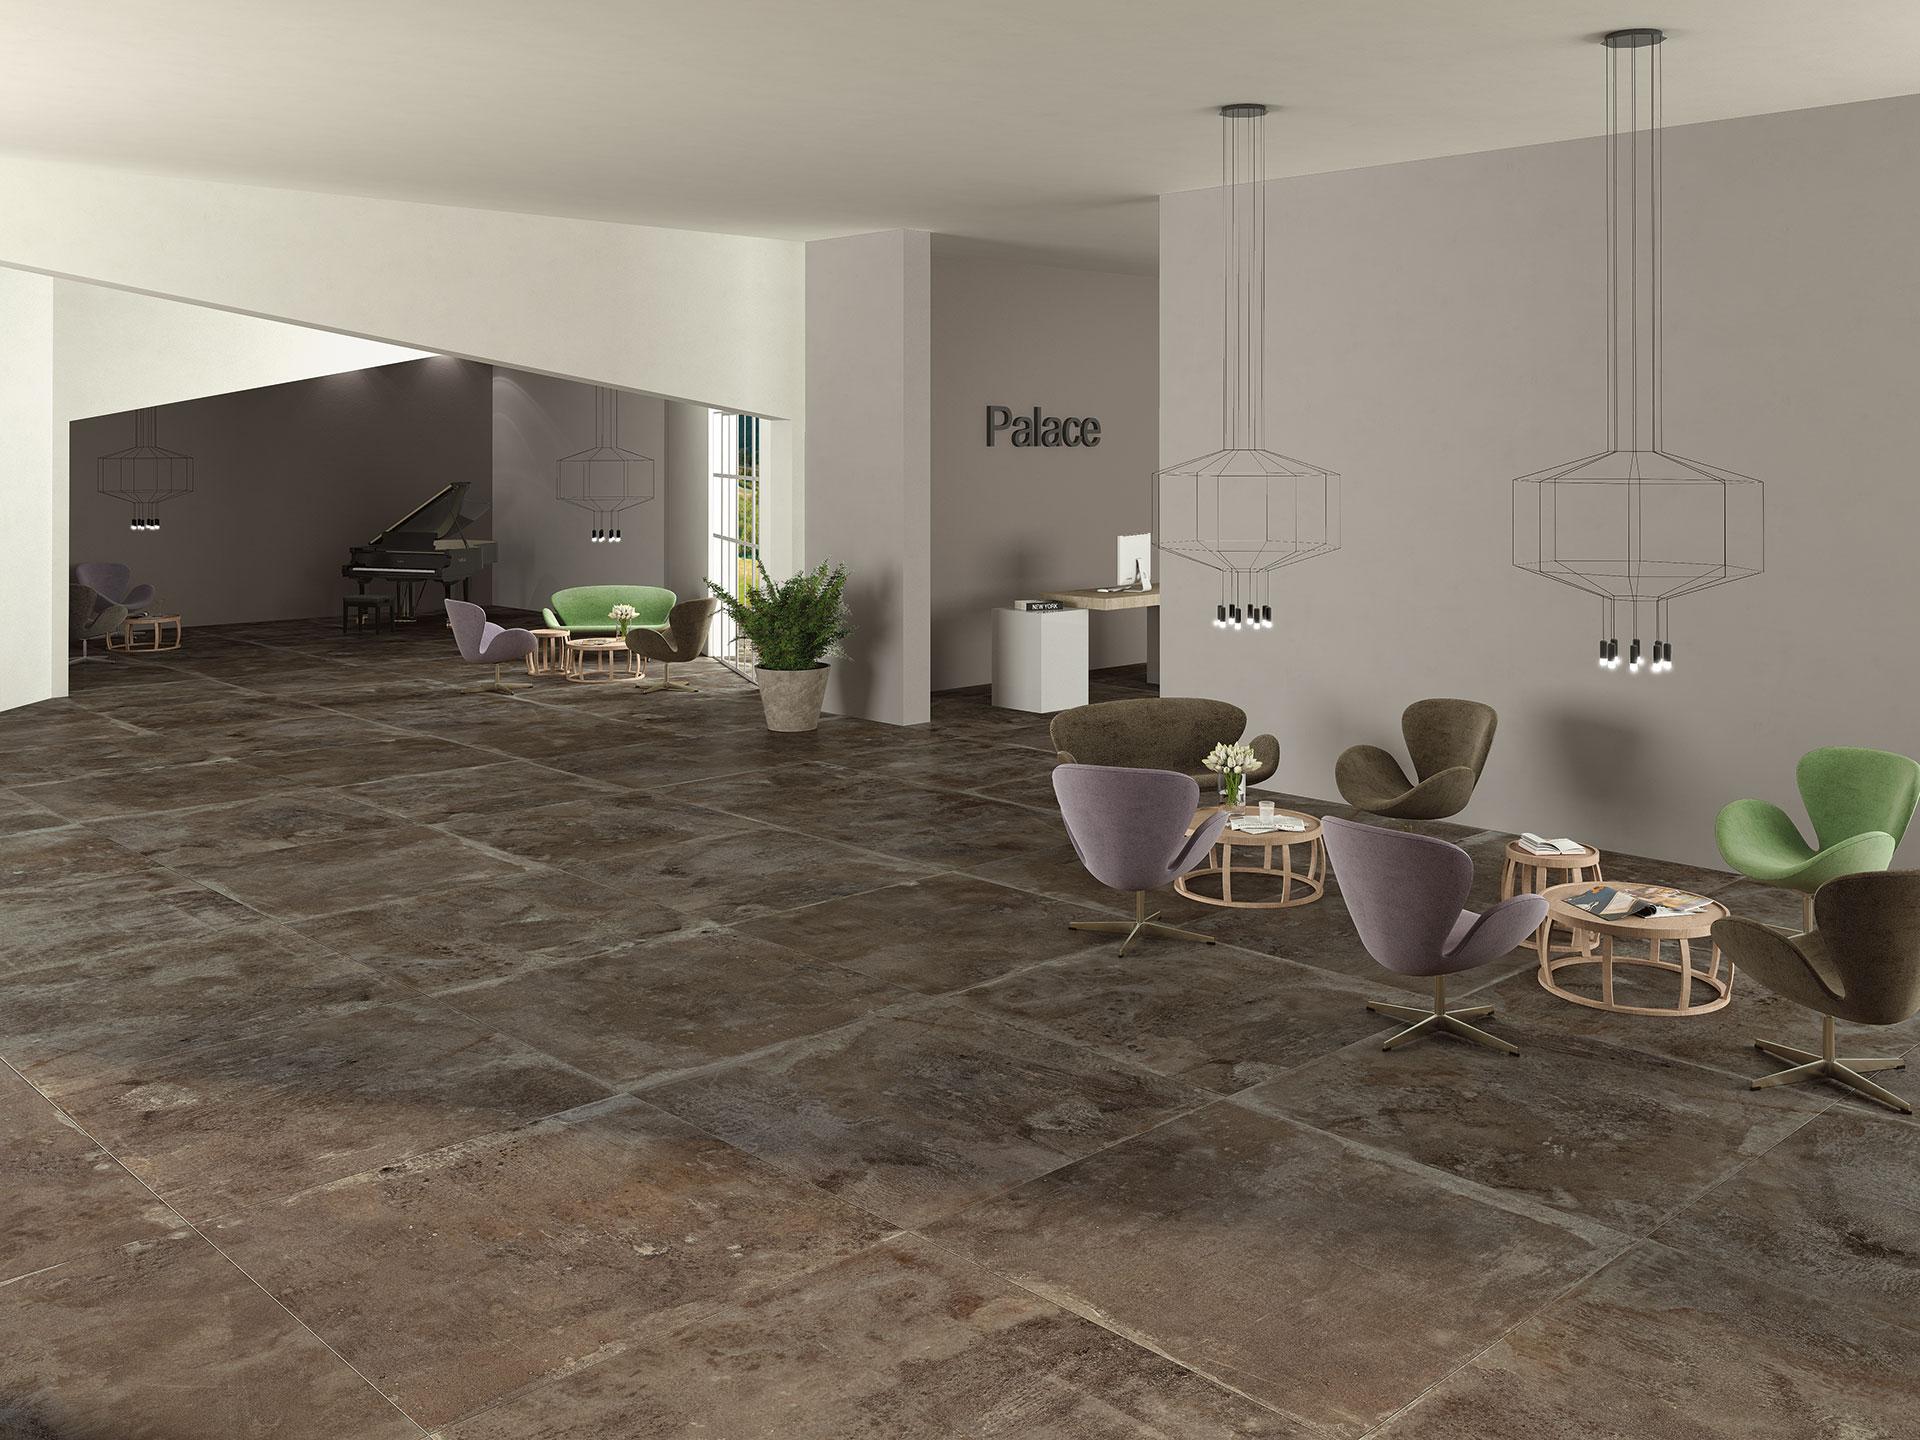 Arredamento Pavimento Scuro suggestioni in stile contemporaneo: i pavimenti scuri